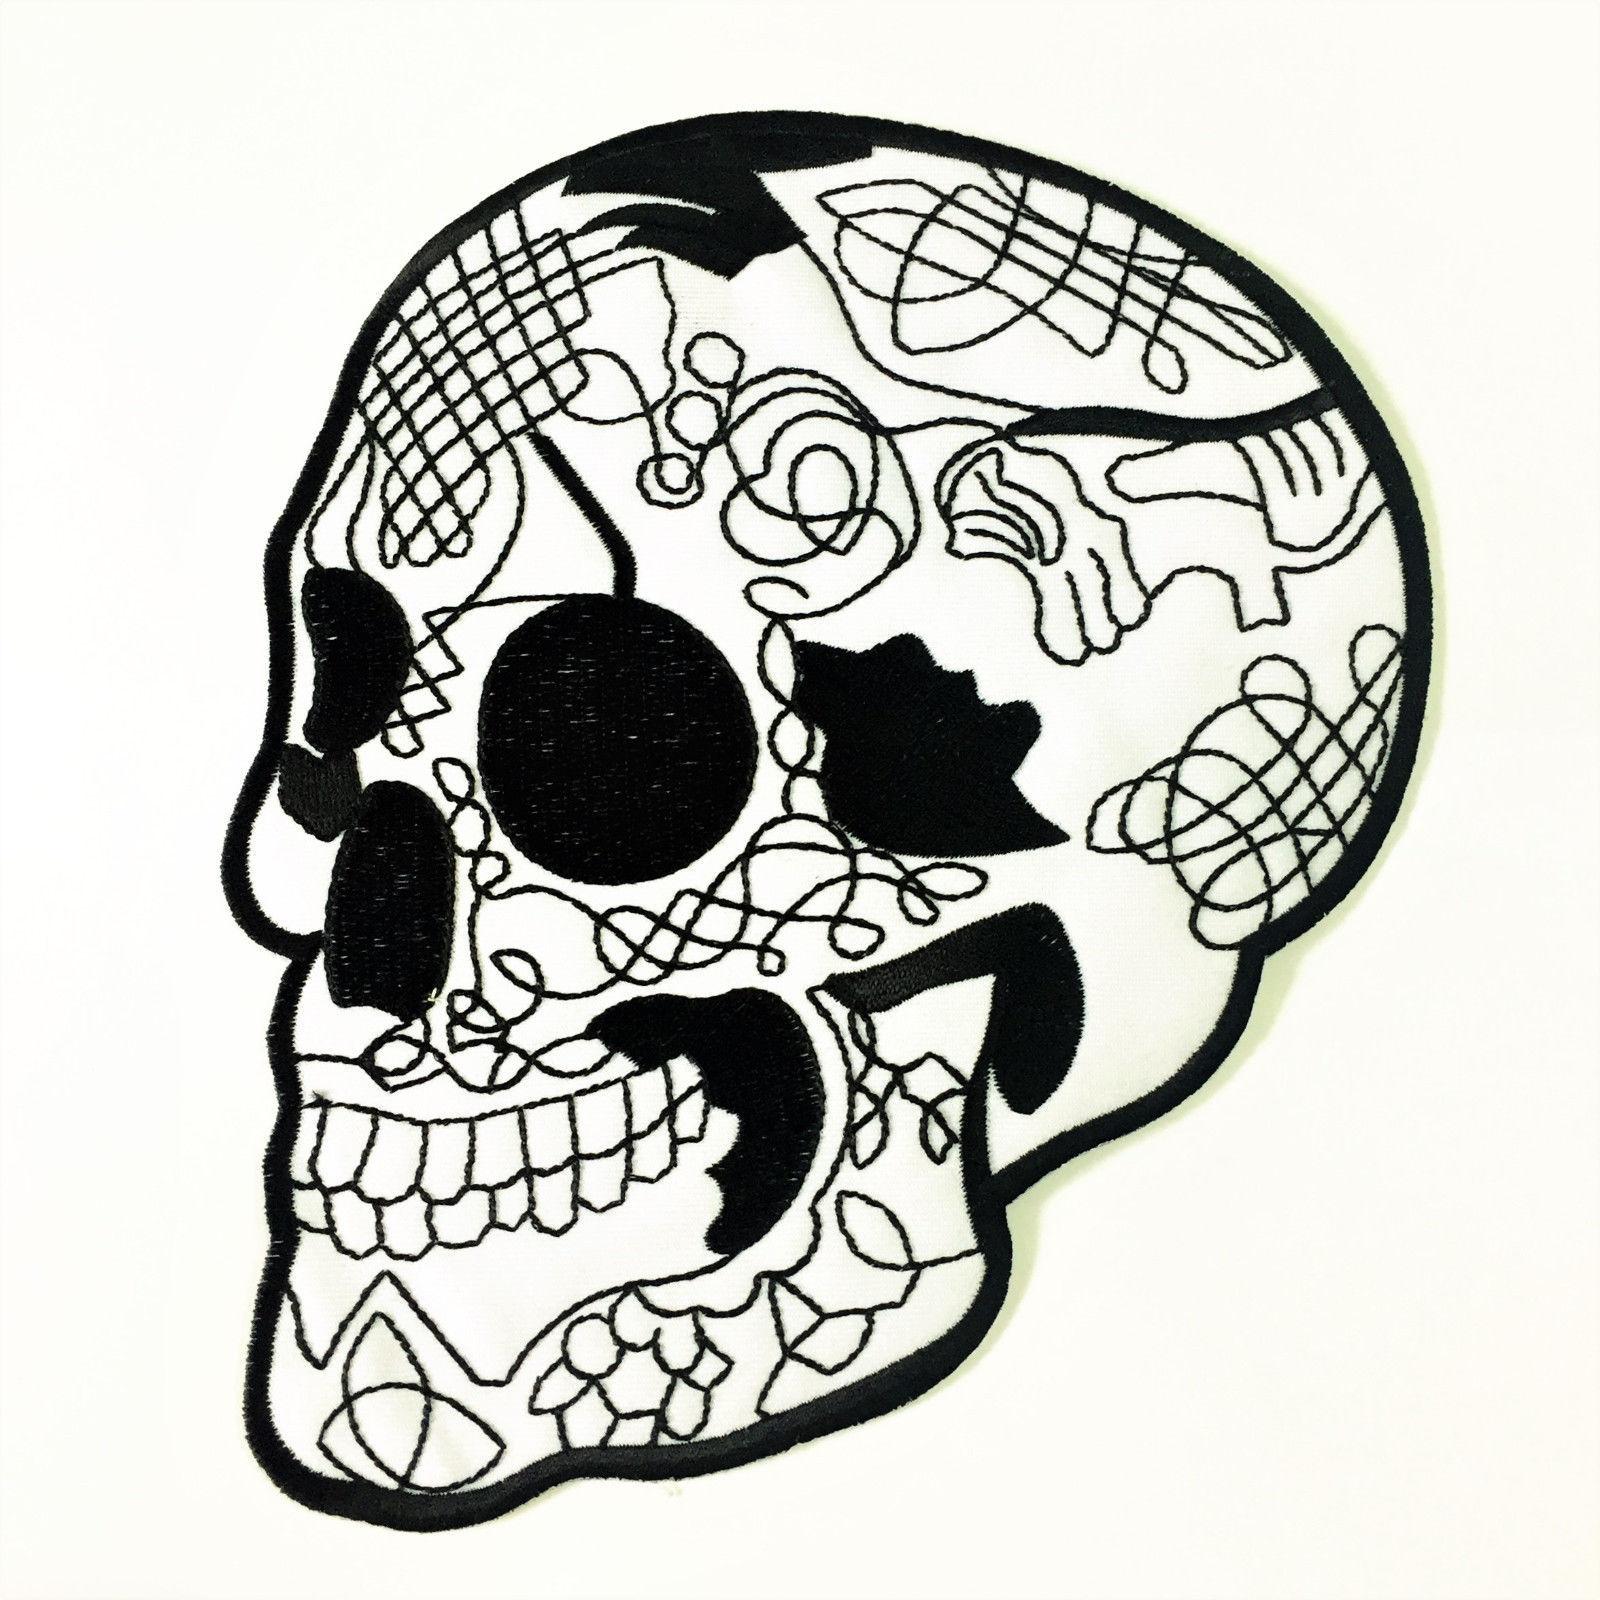 Biker Skull Tattoo Designs